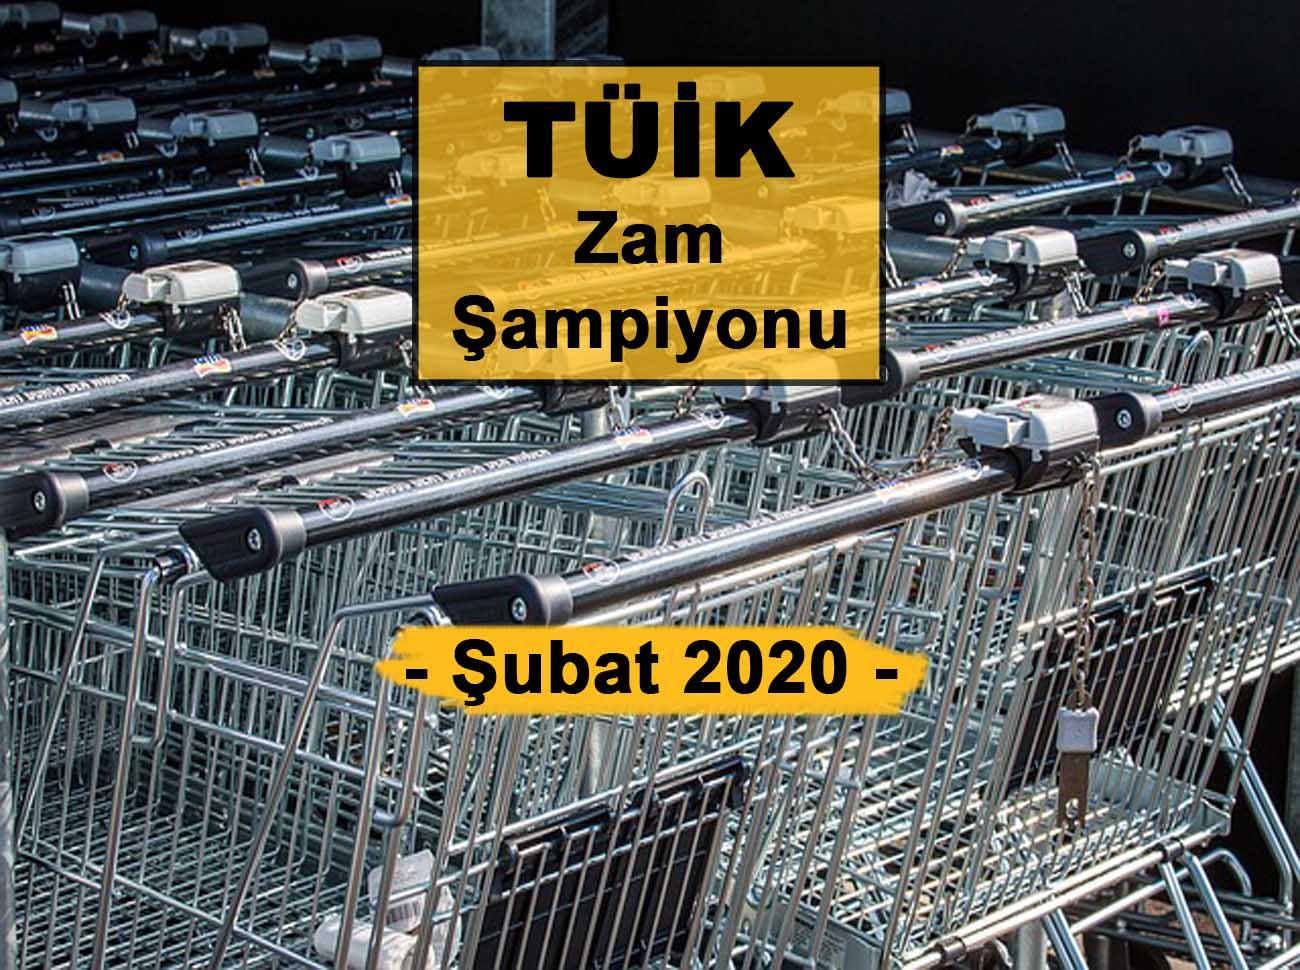 Şubat (2020) Zam Şampiyonu Kabak Oldu